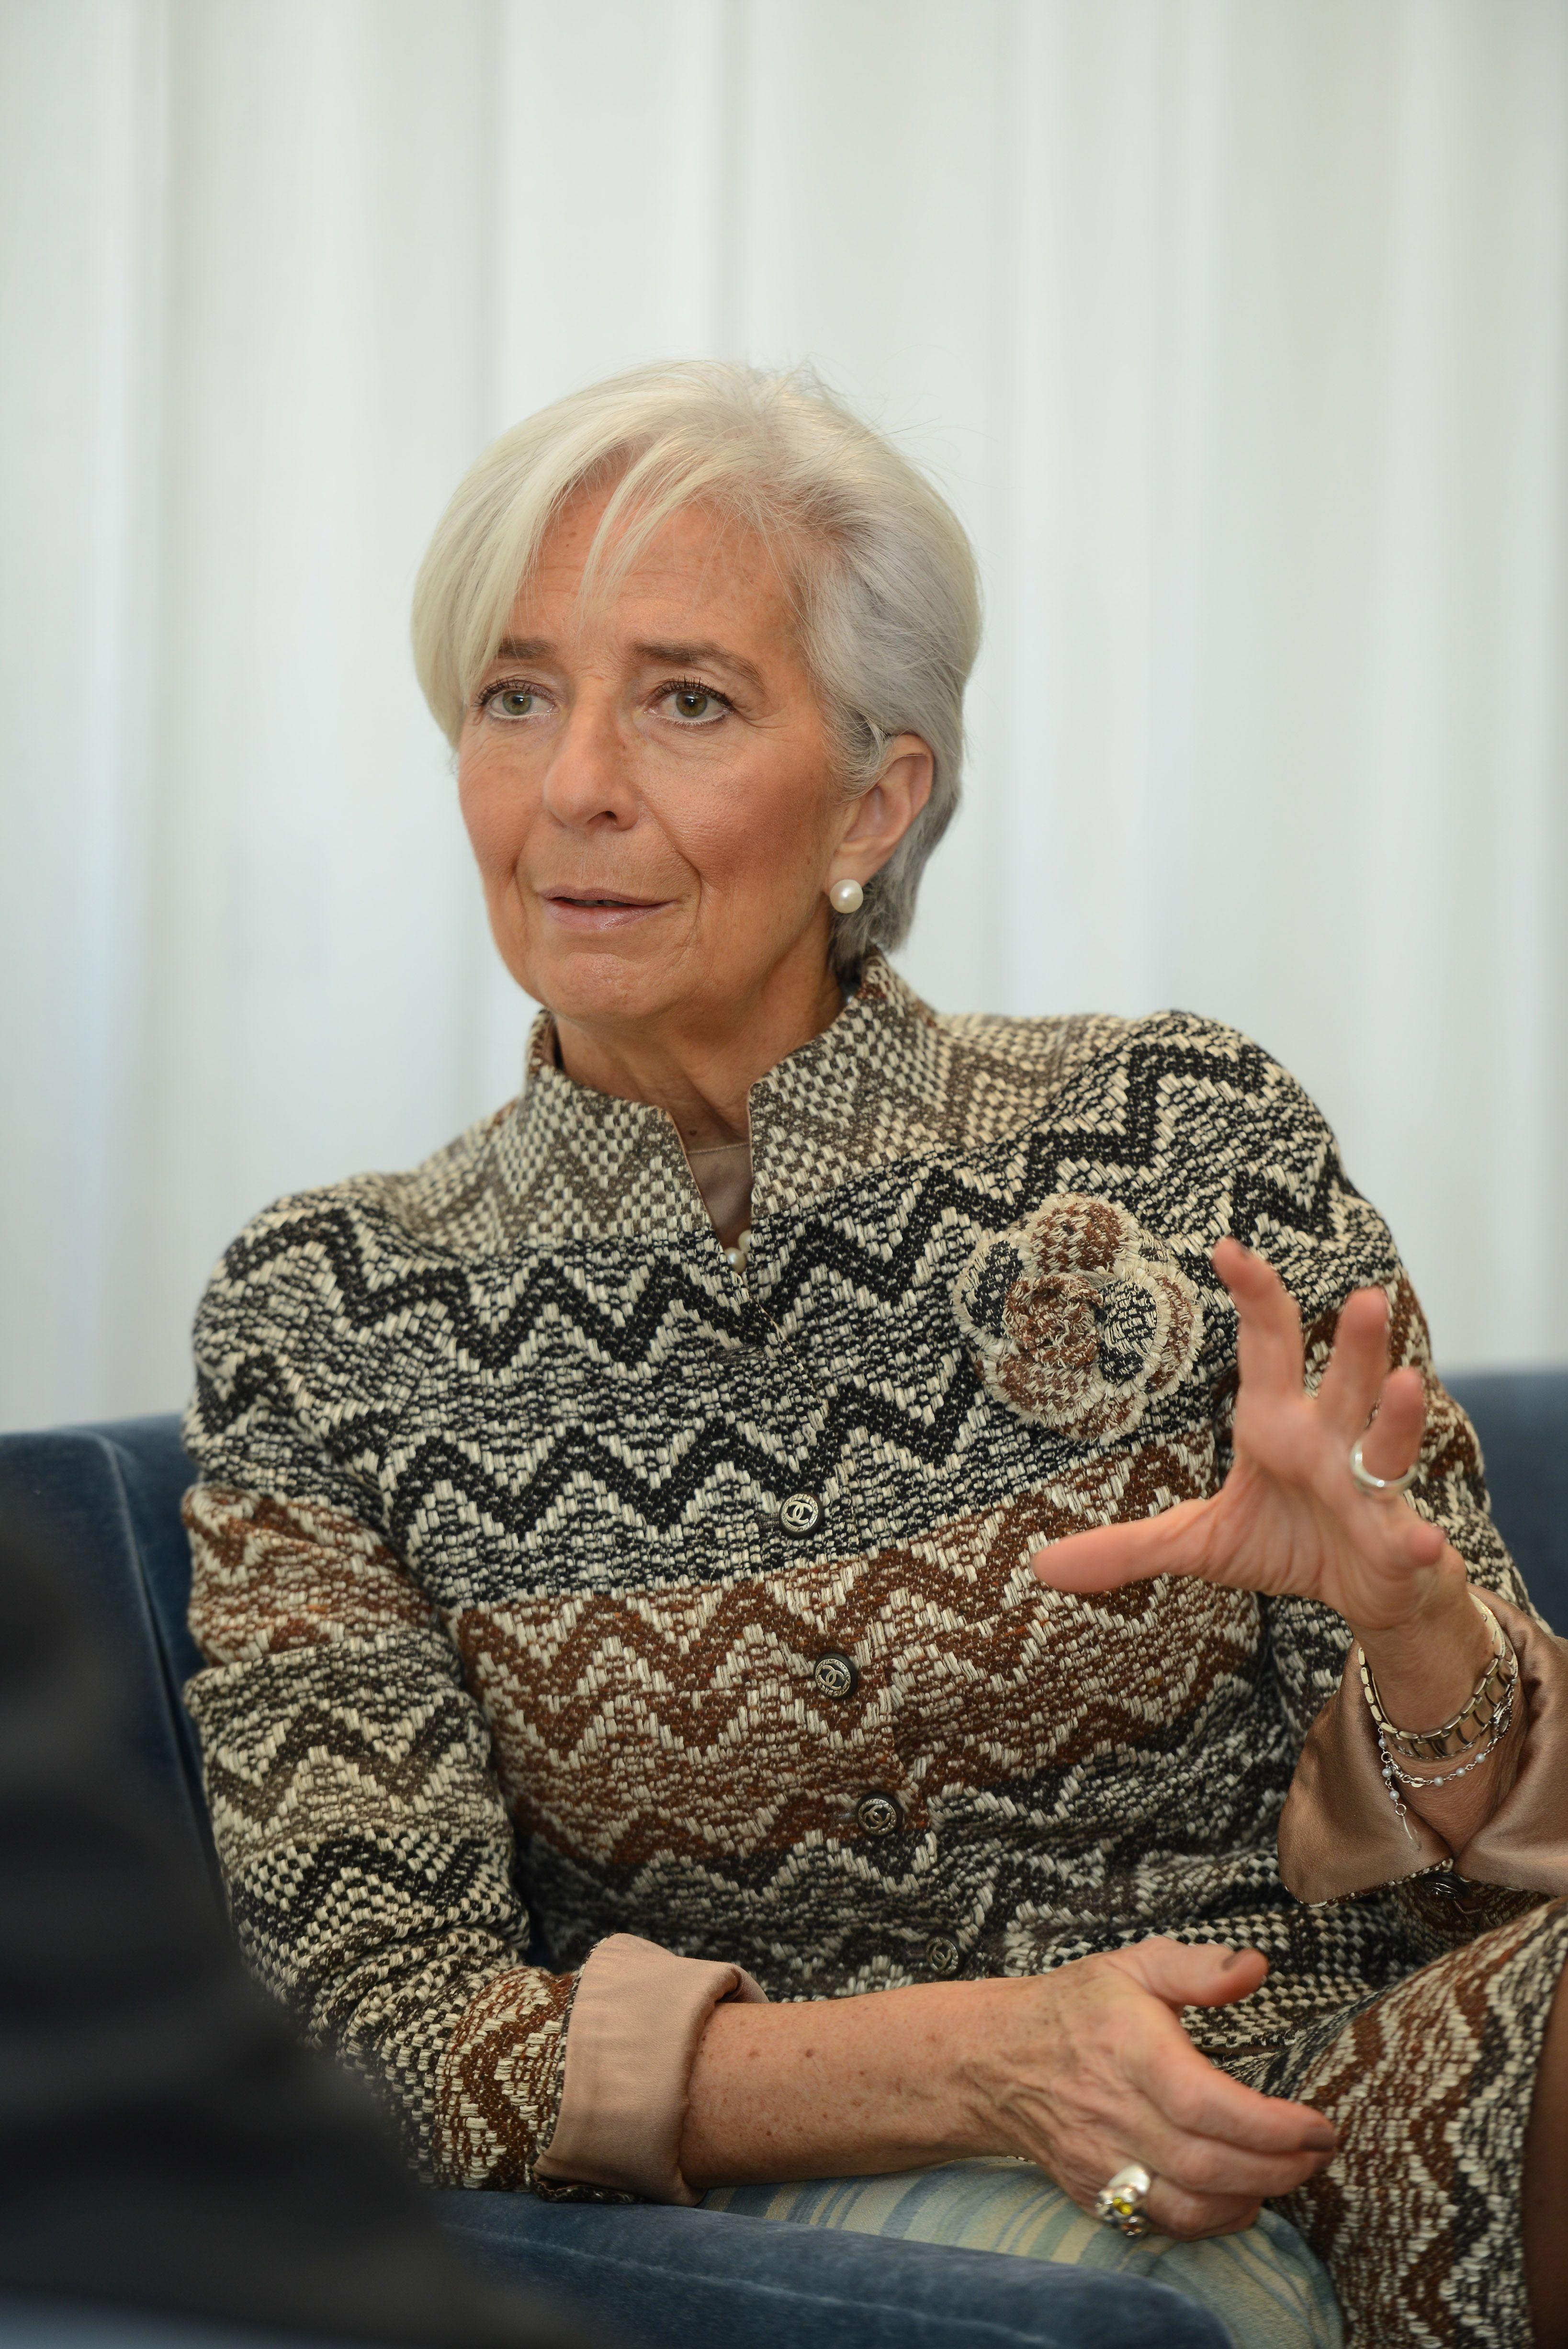 크리스틴 라가르드 국제통화기금(IMF) 총재 Christine Lagarde